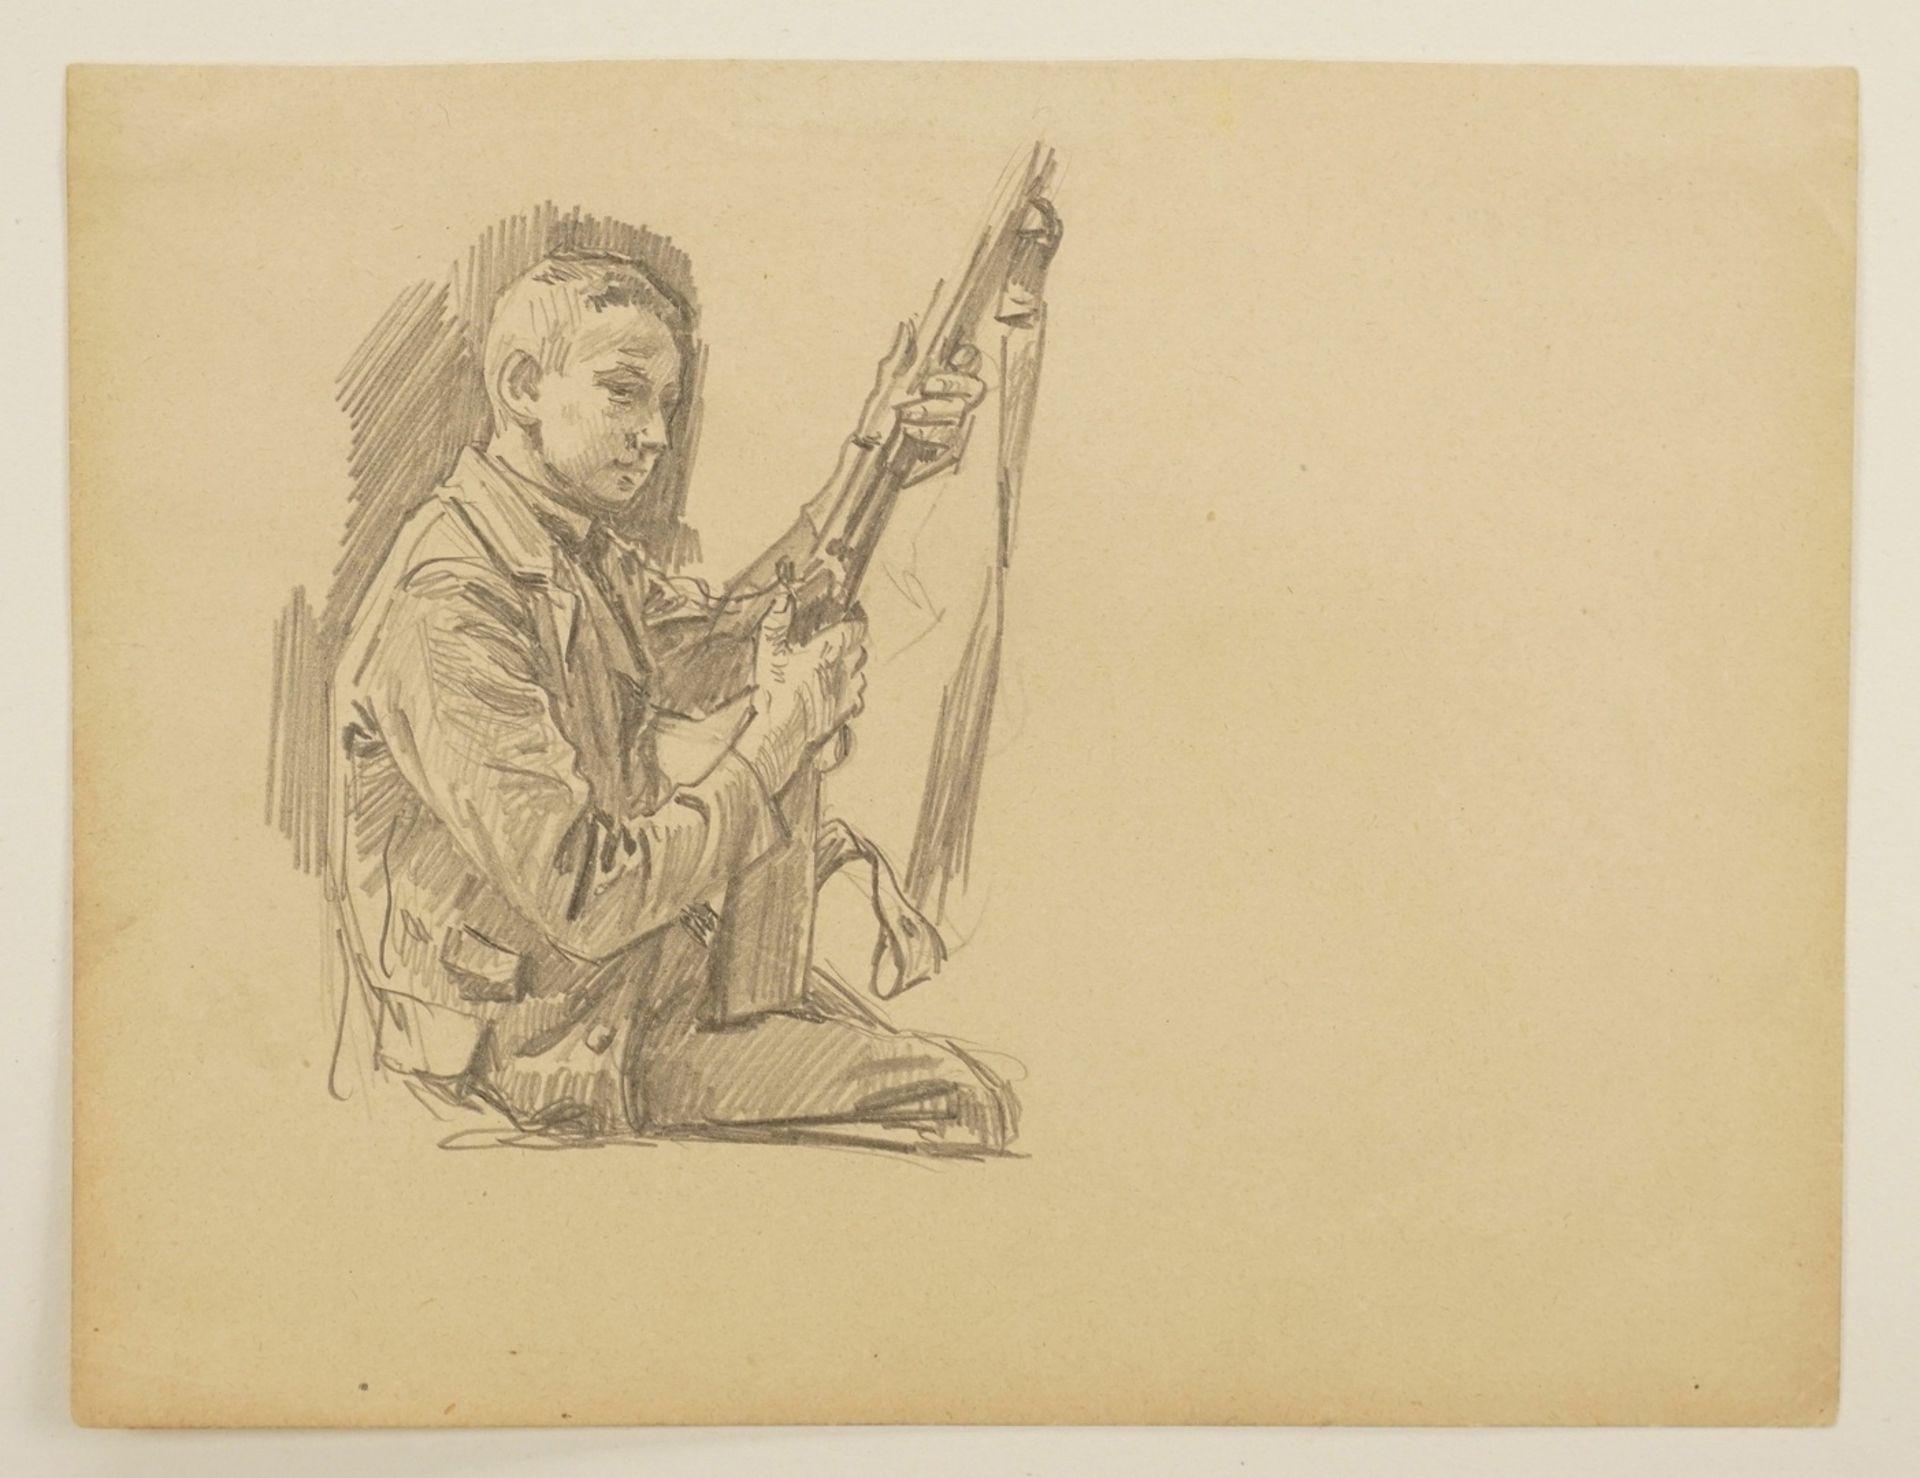 Unbekannter Zeichner, Sitzender Junge mit Gewehr - Bild 3 aus 4